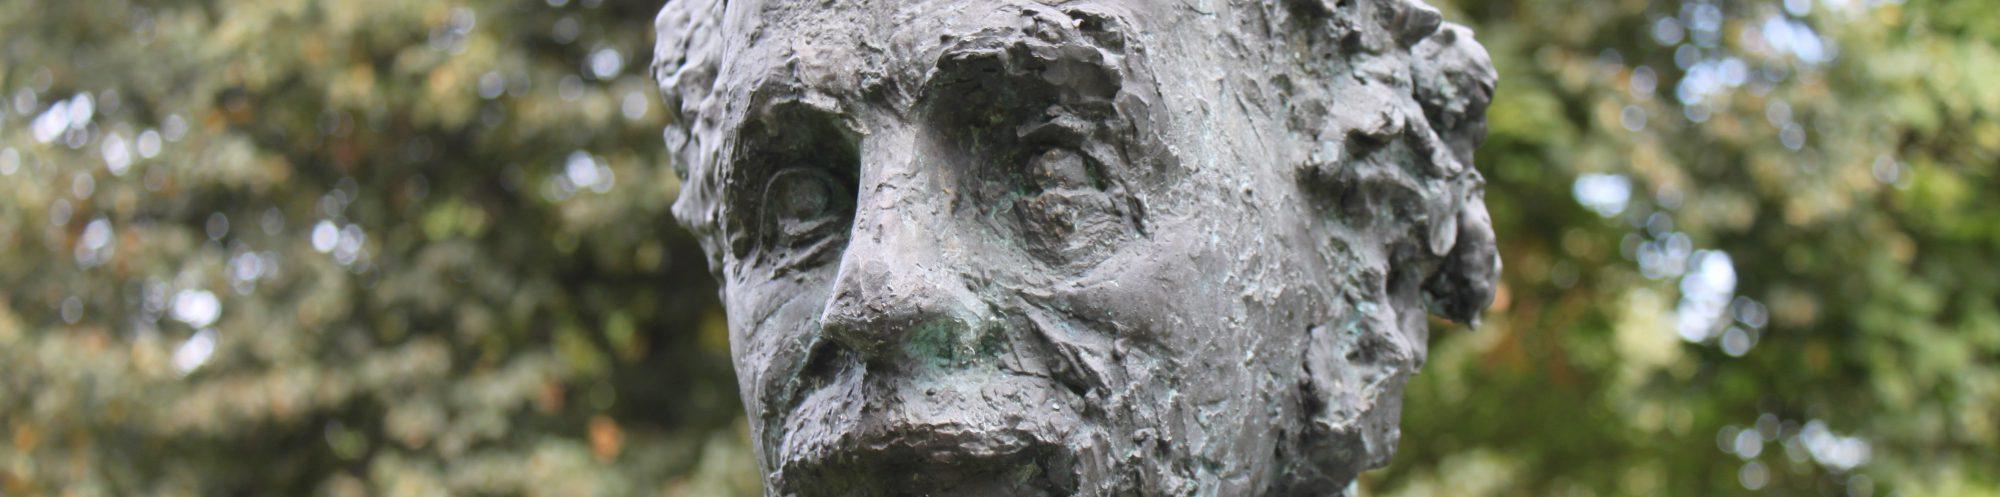 Profil Albert Einsteins